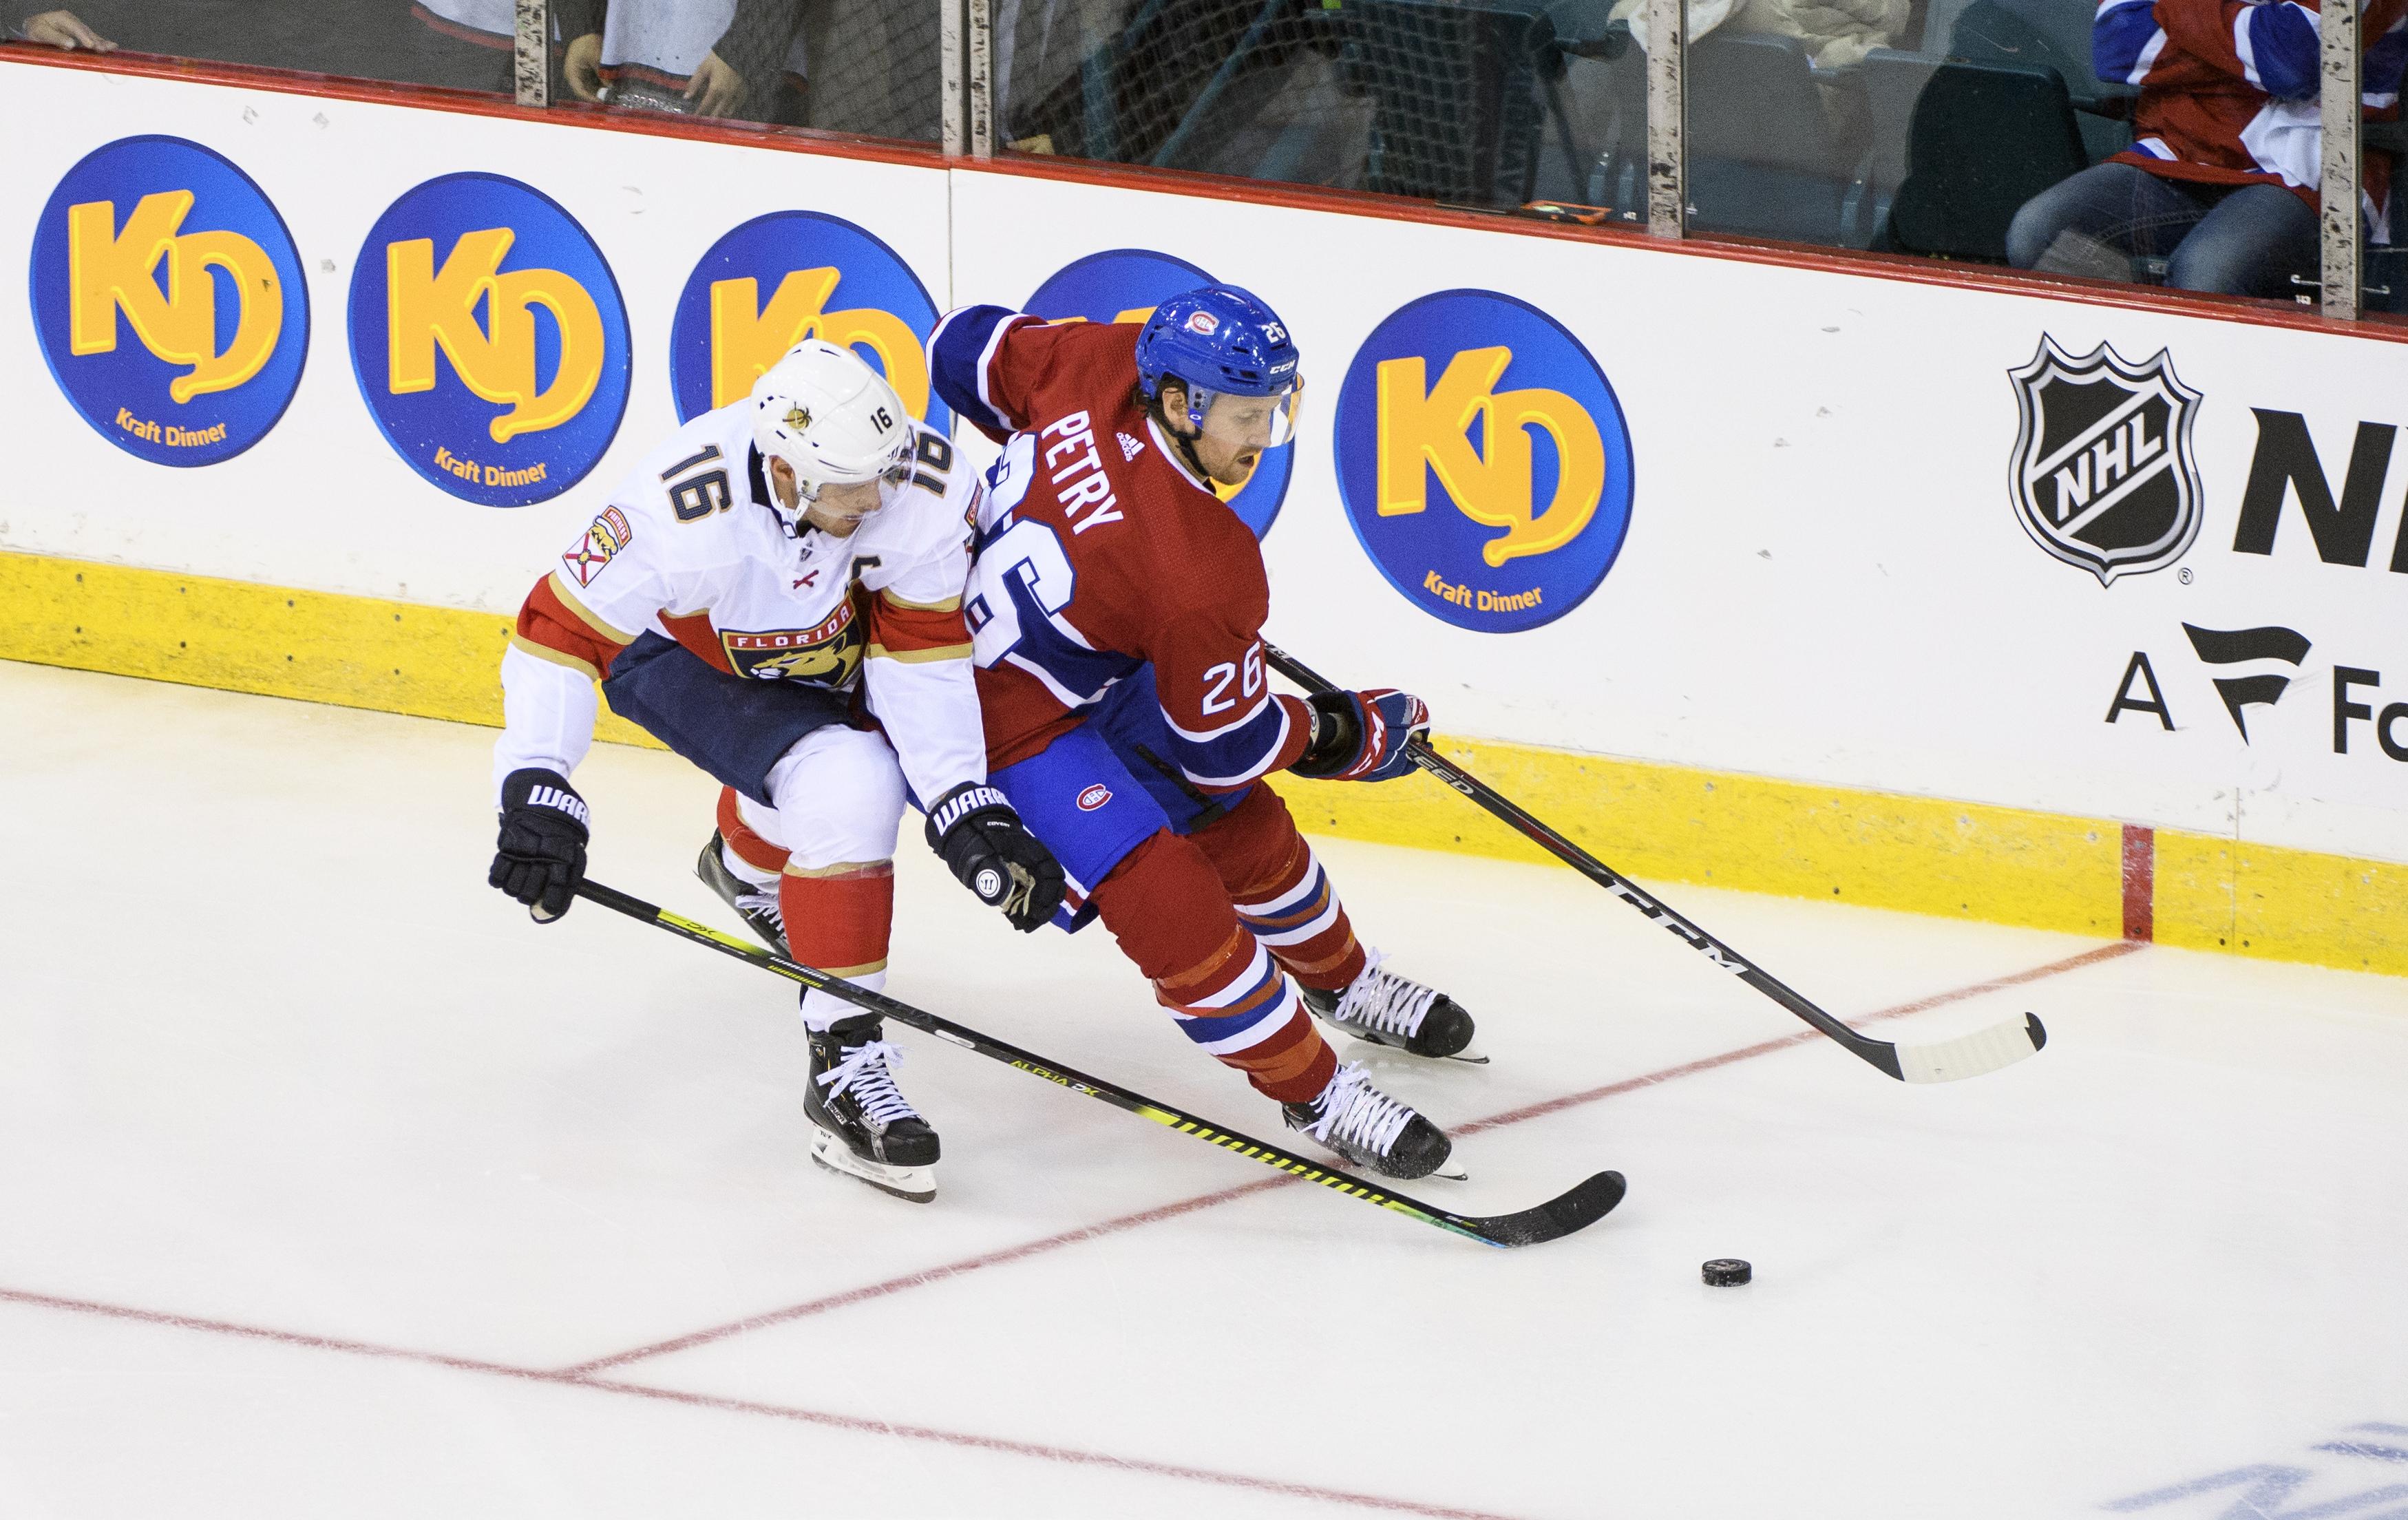 NHL at Kraft Hockeyville Canada